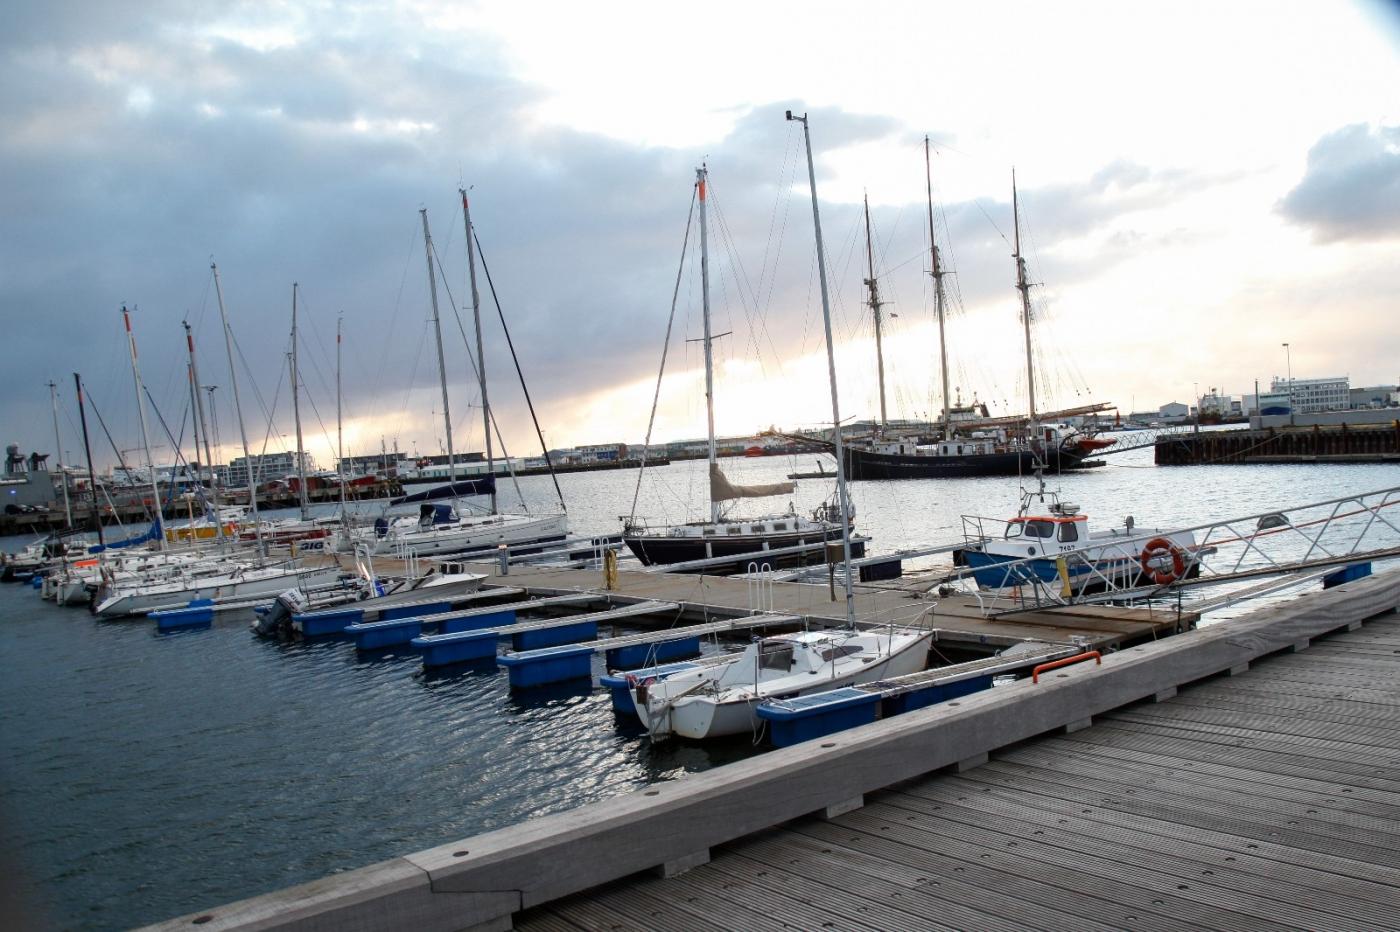 冰岛海滩风景_图1-25